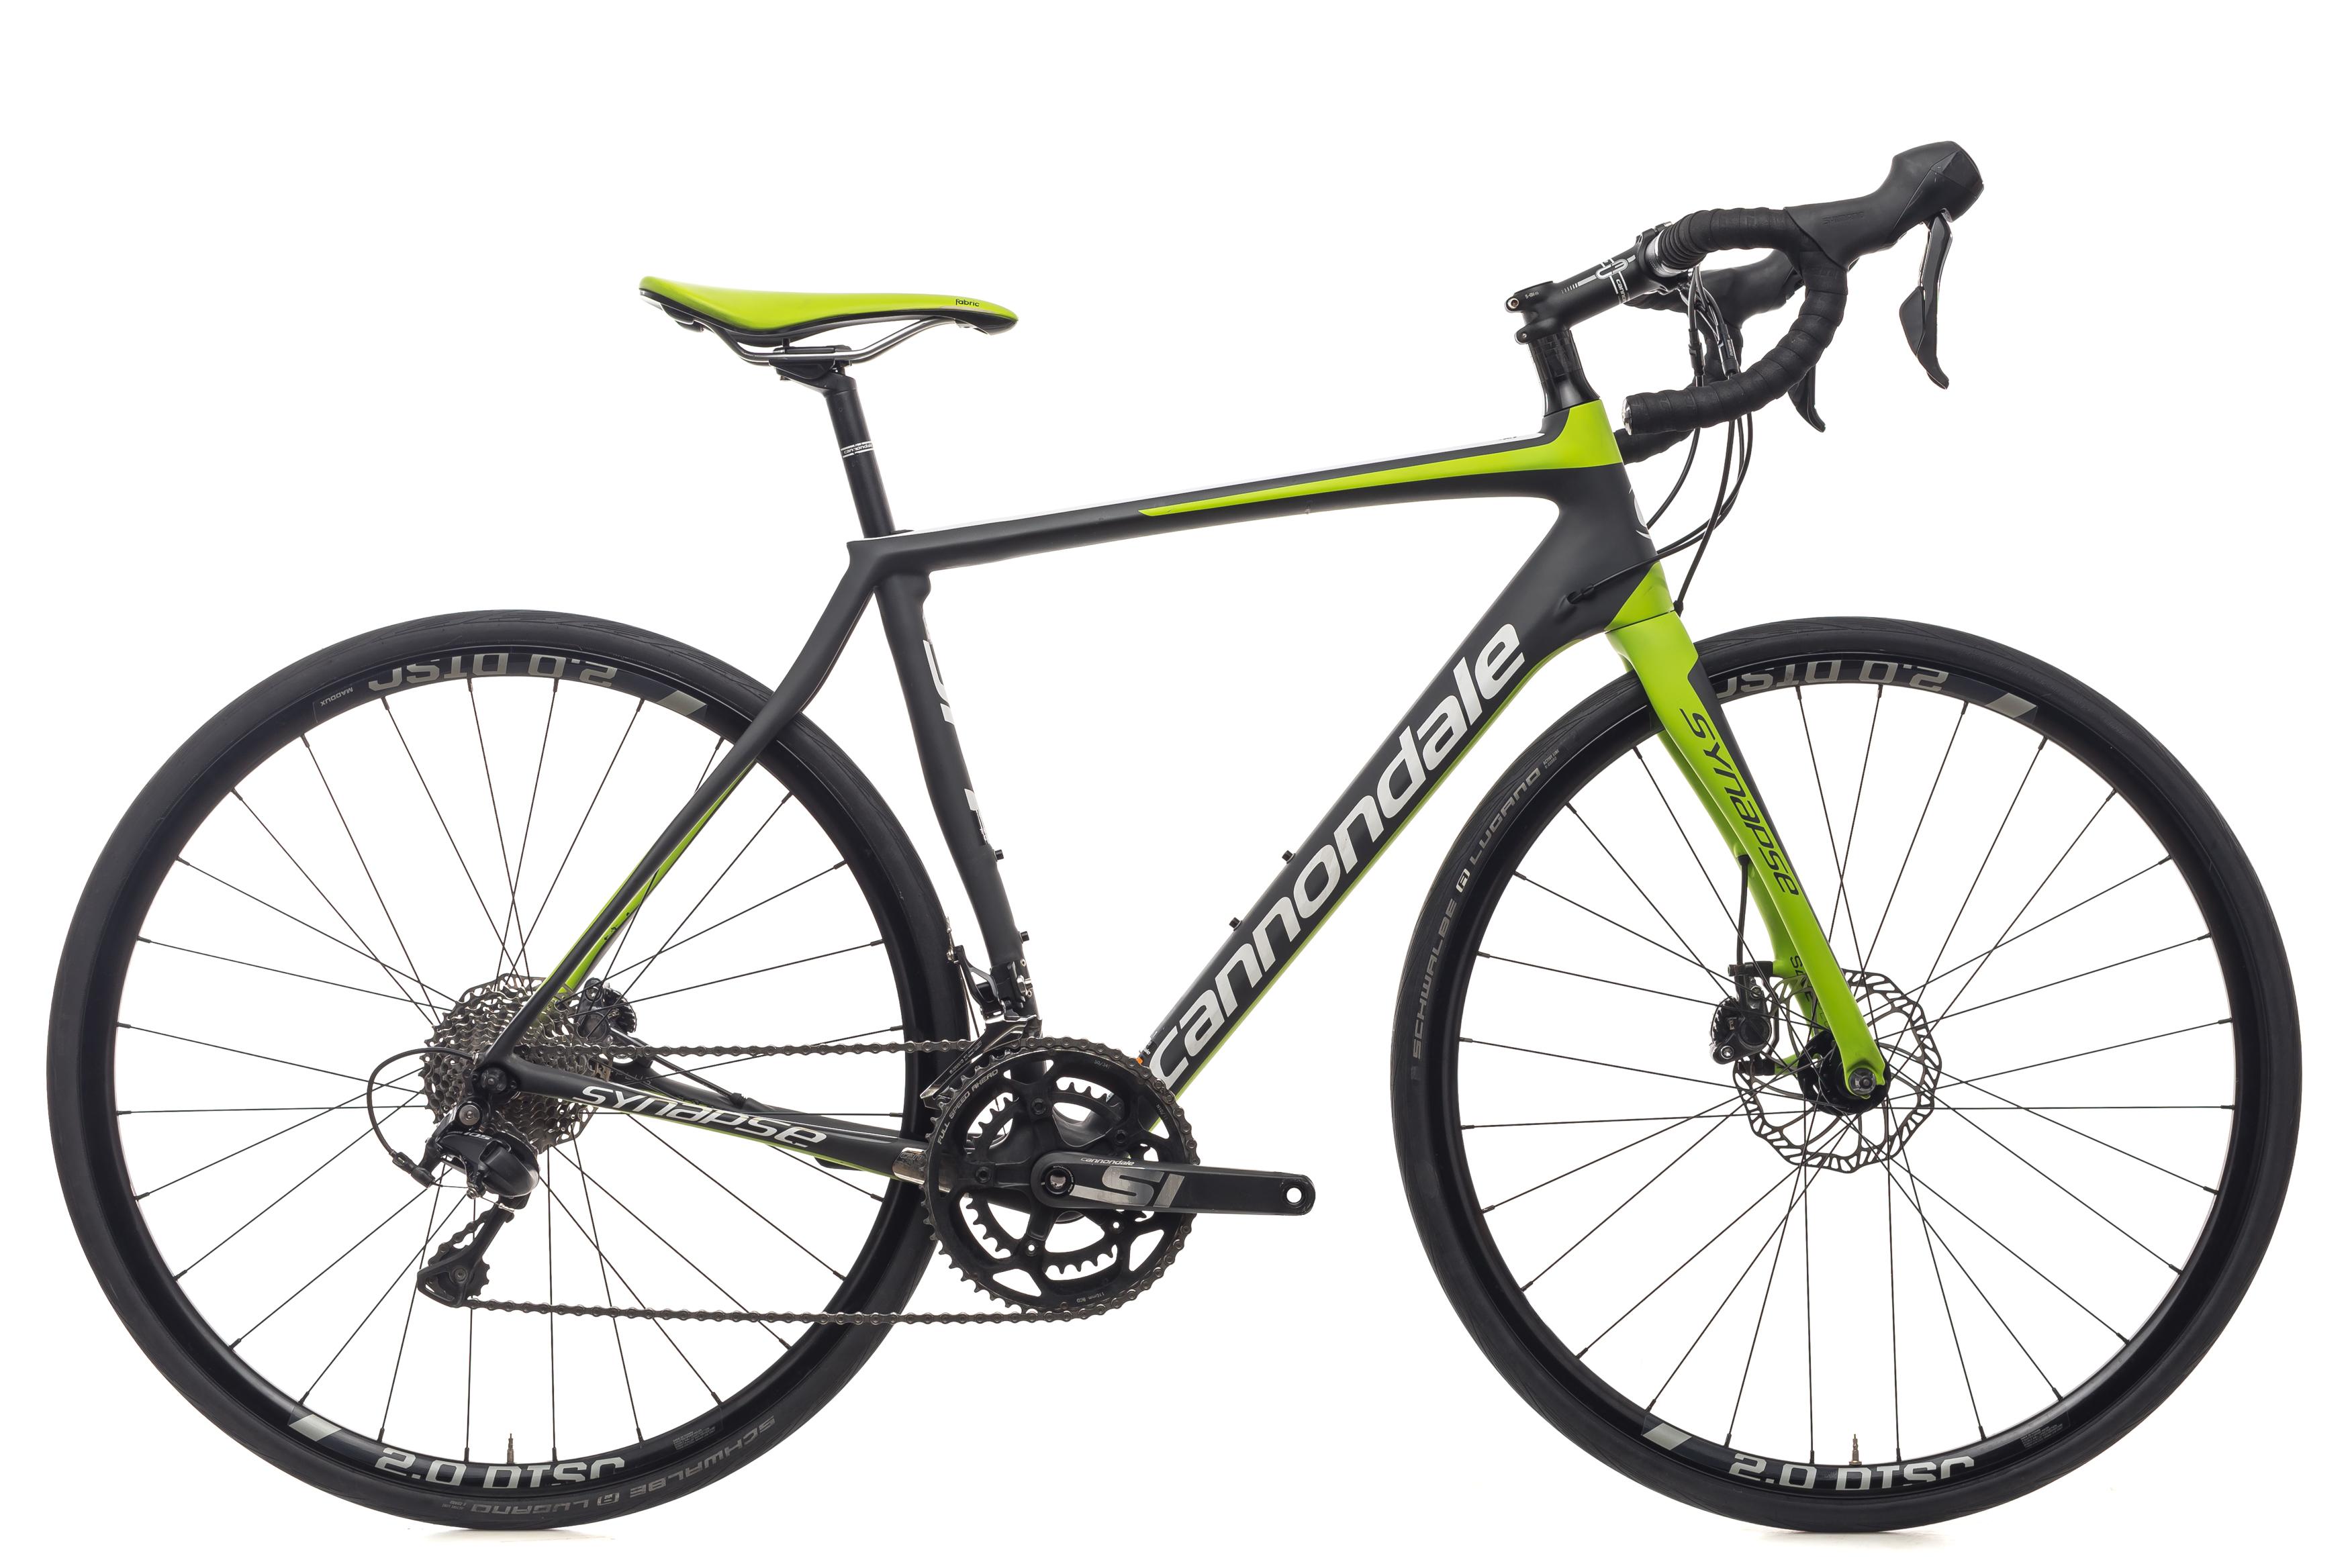 dbd98602c9d 2016 Cannondale Synapse Road Bike 54cm Carbon Shimano 105 5800 11s Maddux  2.0